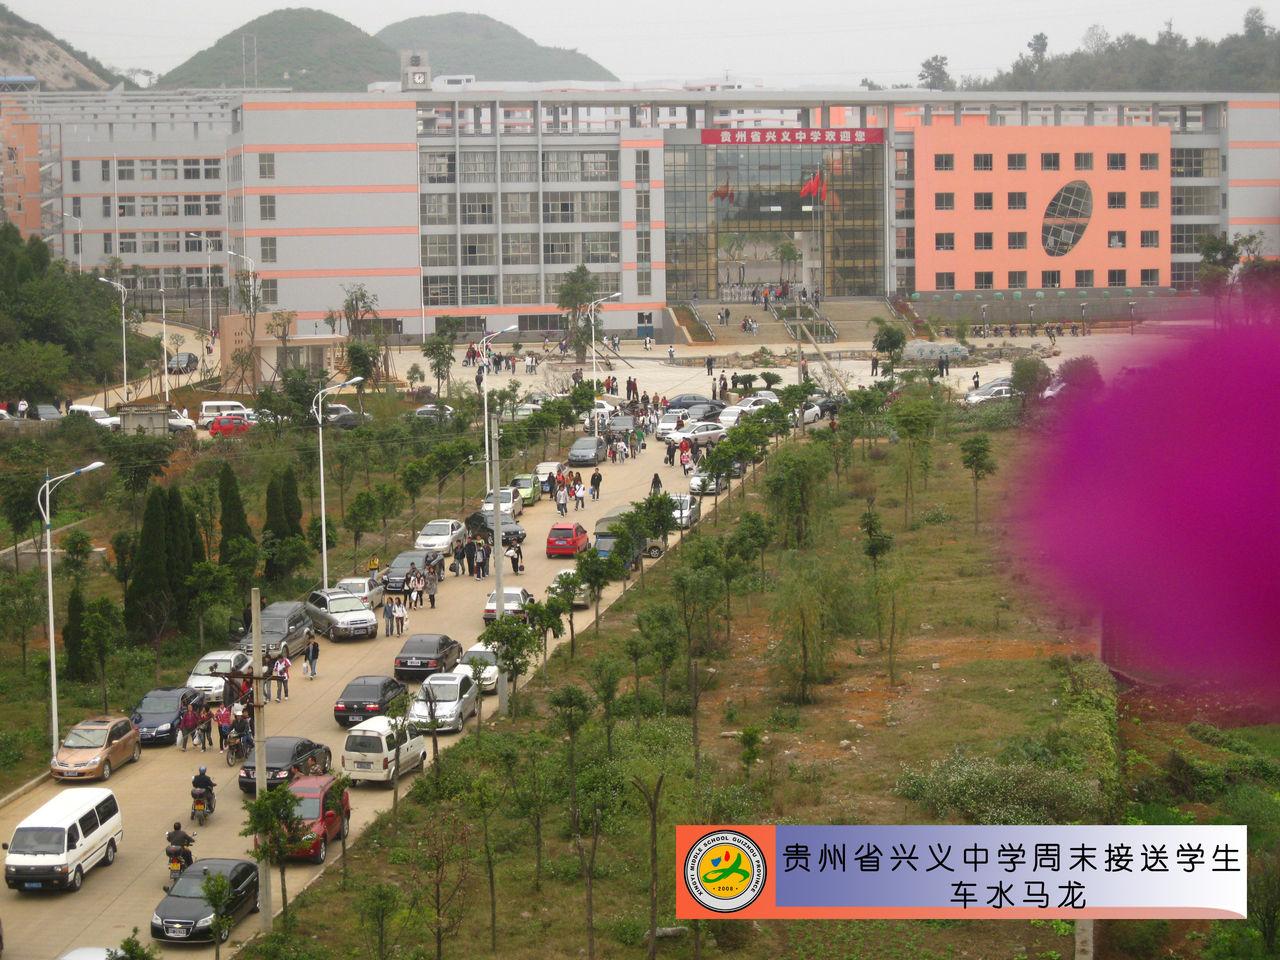 兴义中学图片_贵州省兴义天赋中学招聘信息万行教师人才网